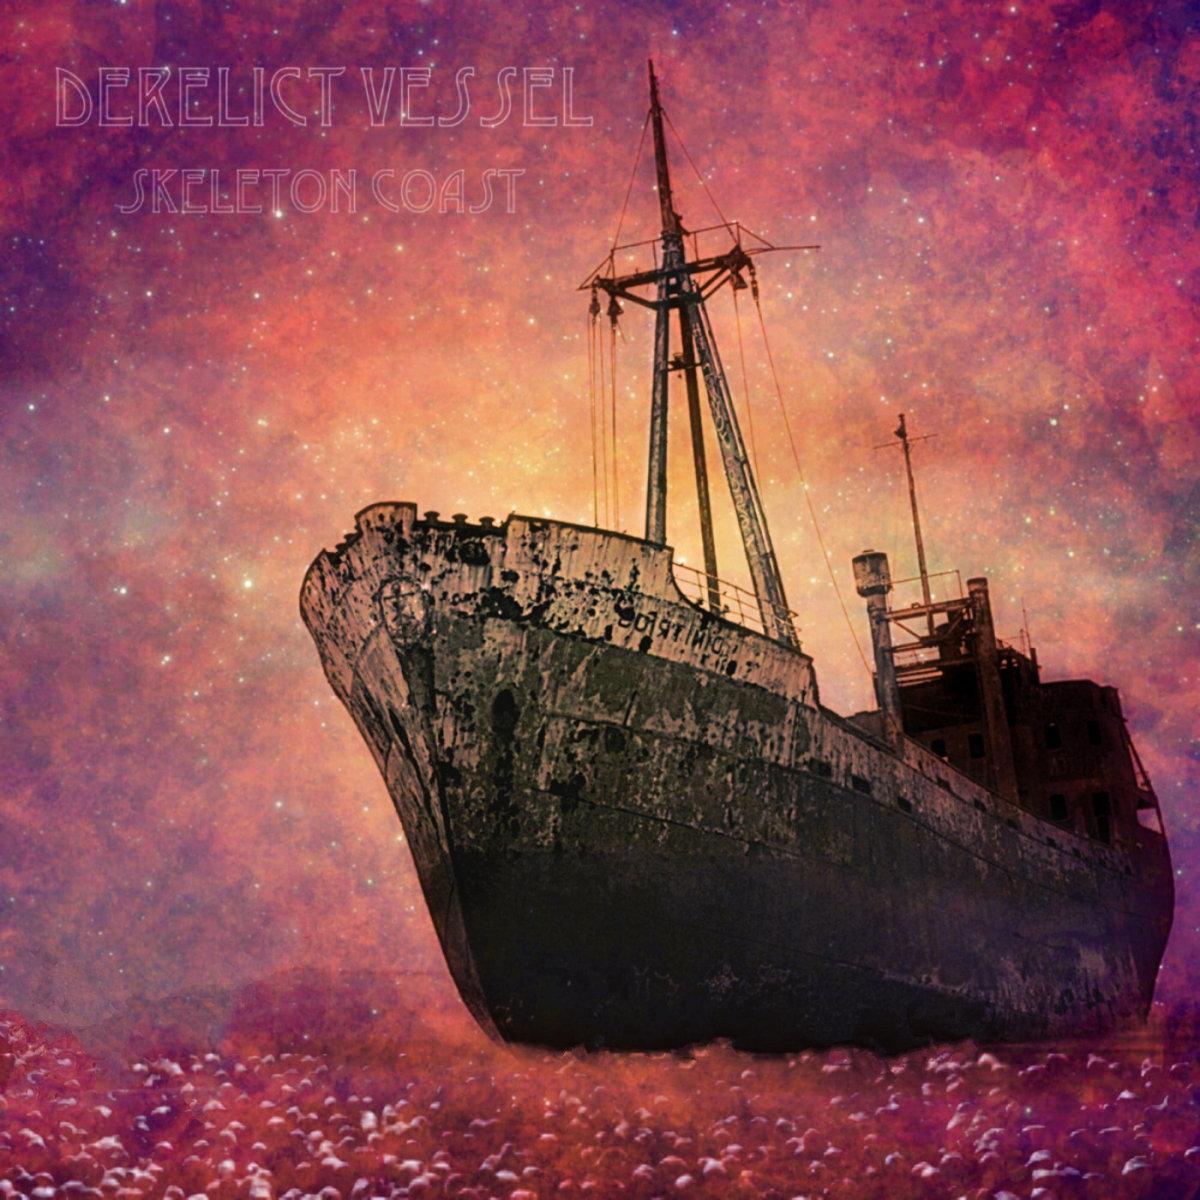 Rochester's Derelict Vessel Drop Debut Post-Rock EP